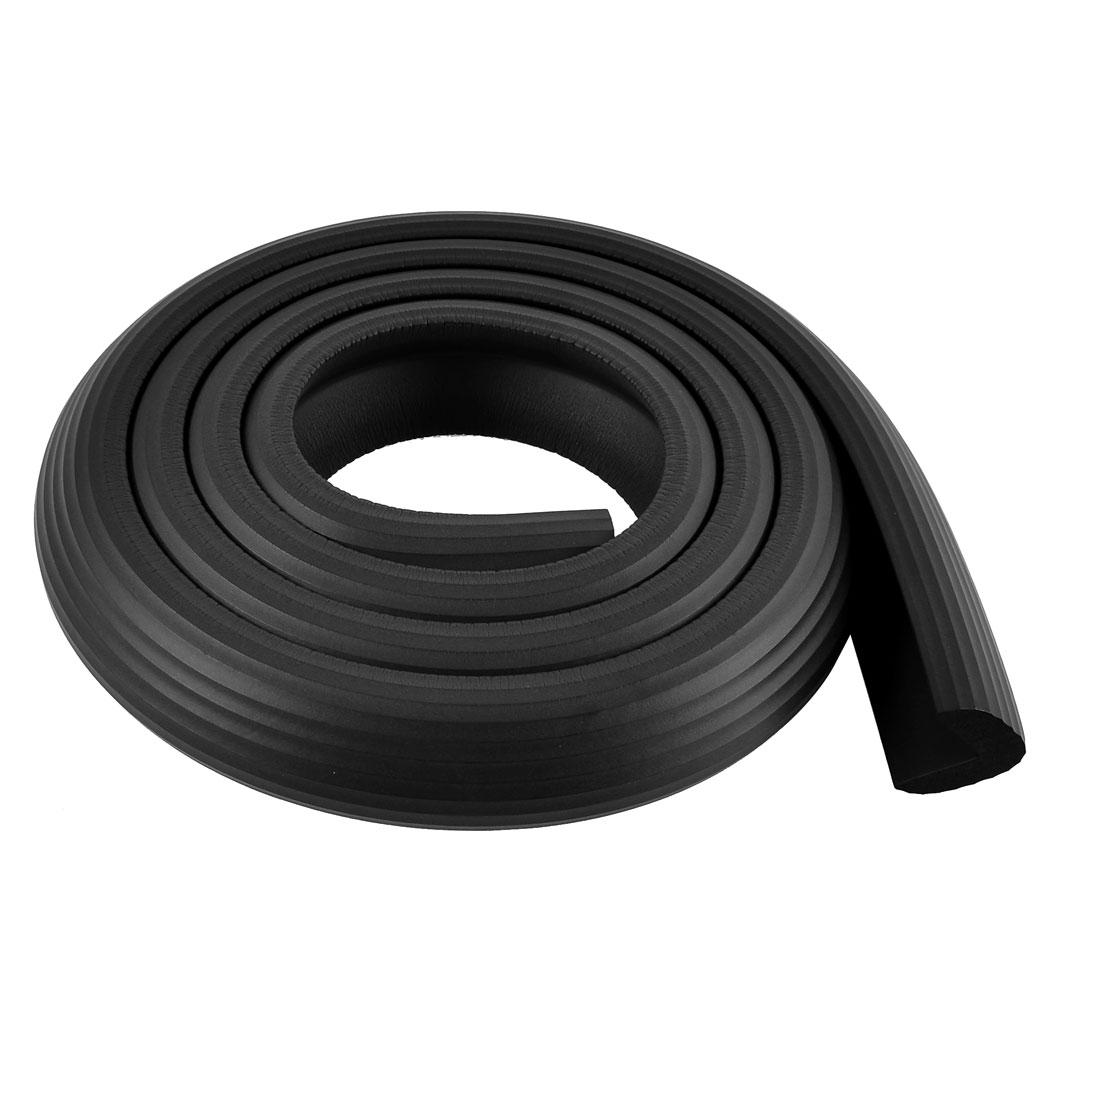 L Shape Guard Furniture Corner Edge Protection Cushion 2M Long Black